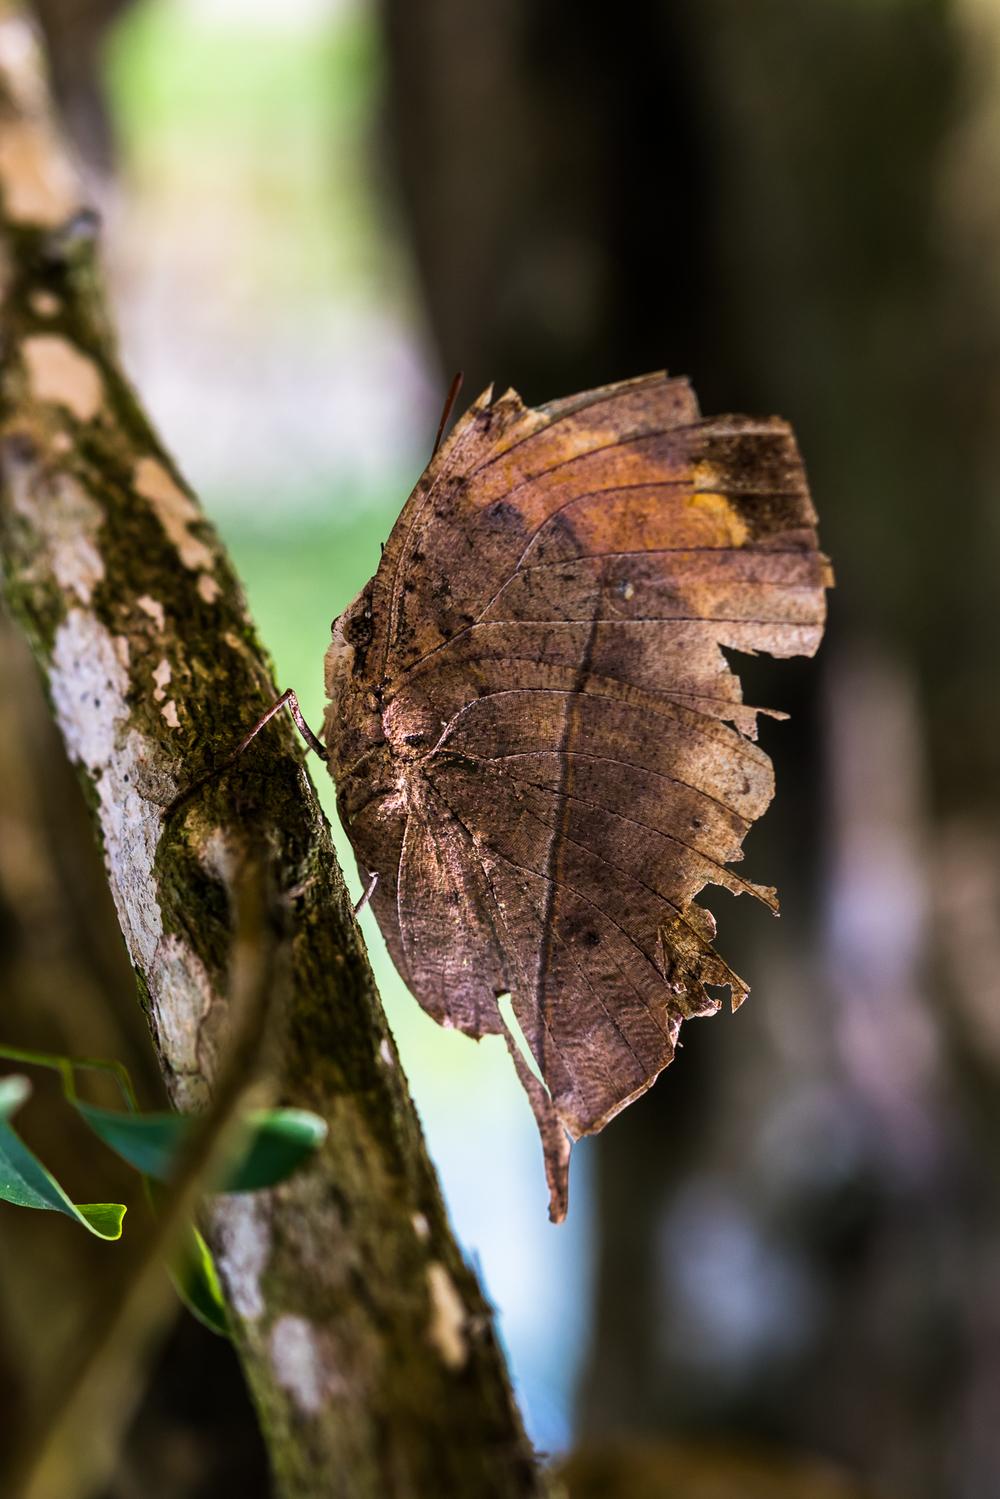 本想到竹東露營順便找油桐花步道,今年因缺水桐花花期慢2-3個星期,所以沒能拍到滿山滿谷的桐花。此刻也正是蝴蝶的季節,這隻枯葉蝶 (dead leaf butterfly) 體貼我沒有敵意,也可能以為祂偽裝的很好!